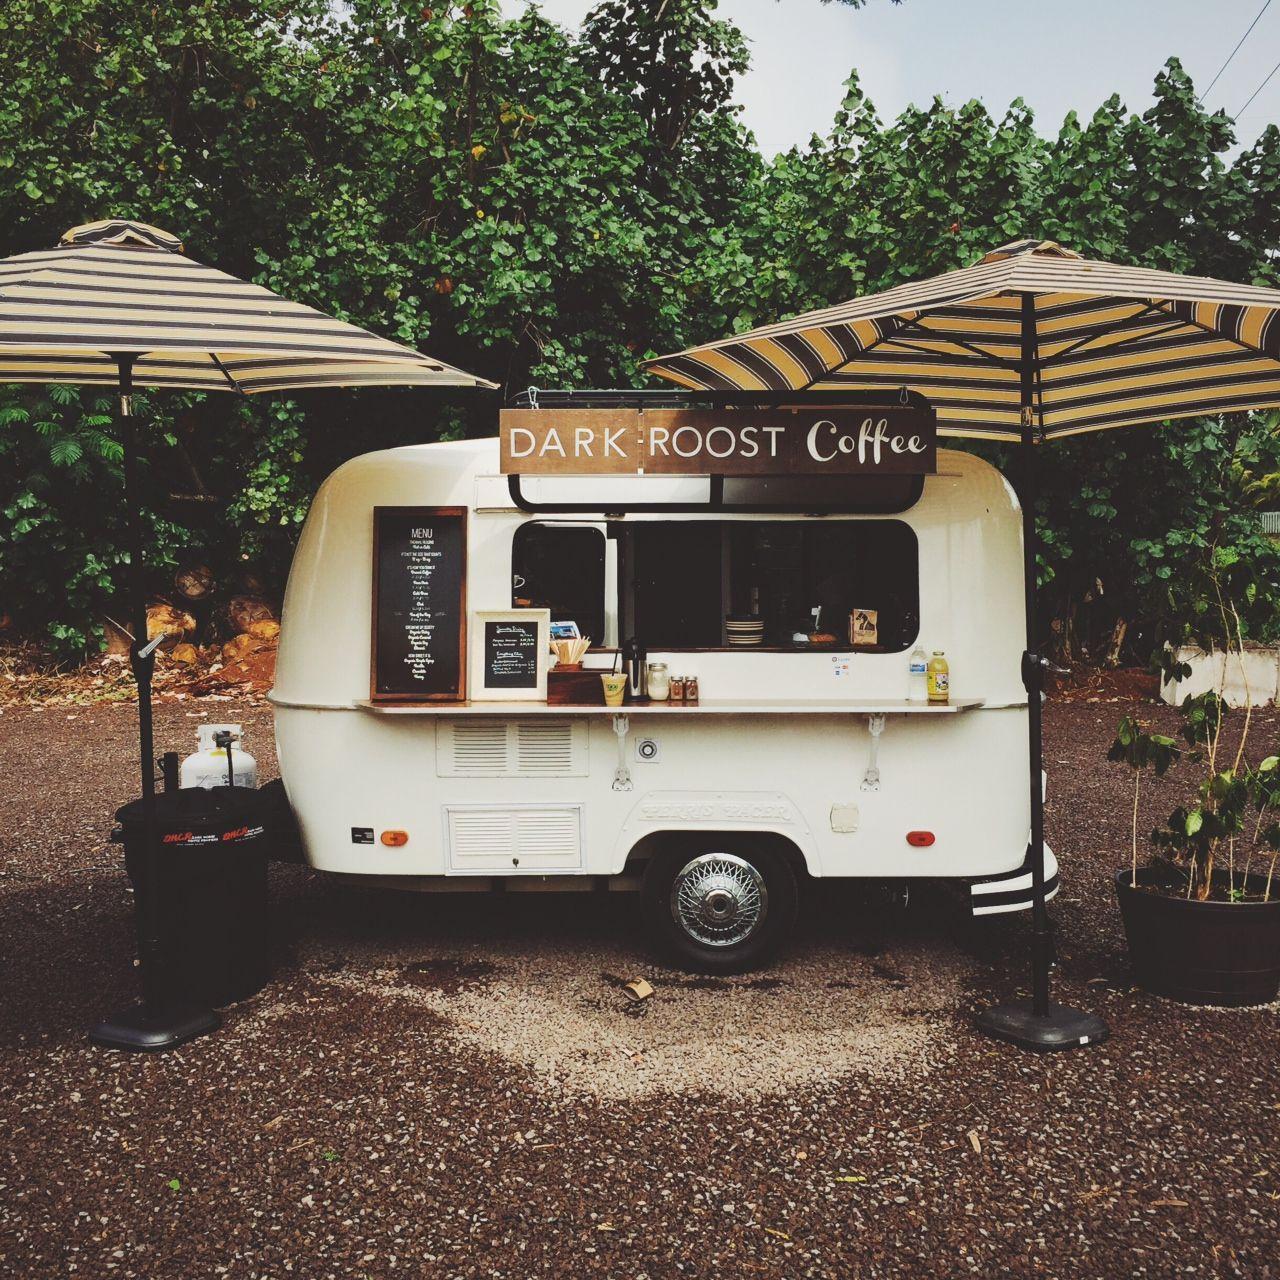 Dark roost coffee kauai hi vintage perris pacer coffee